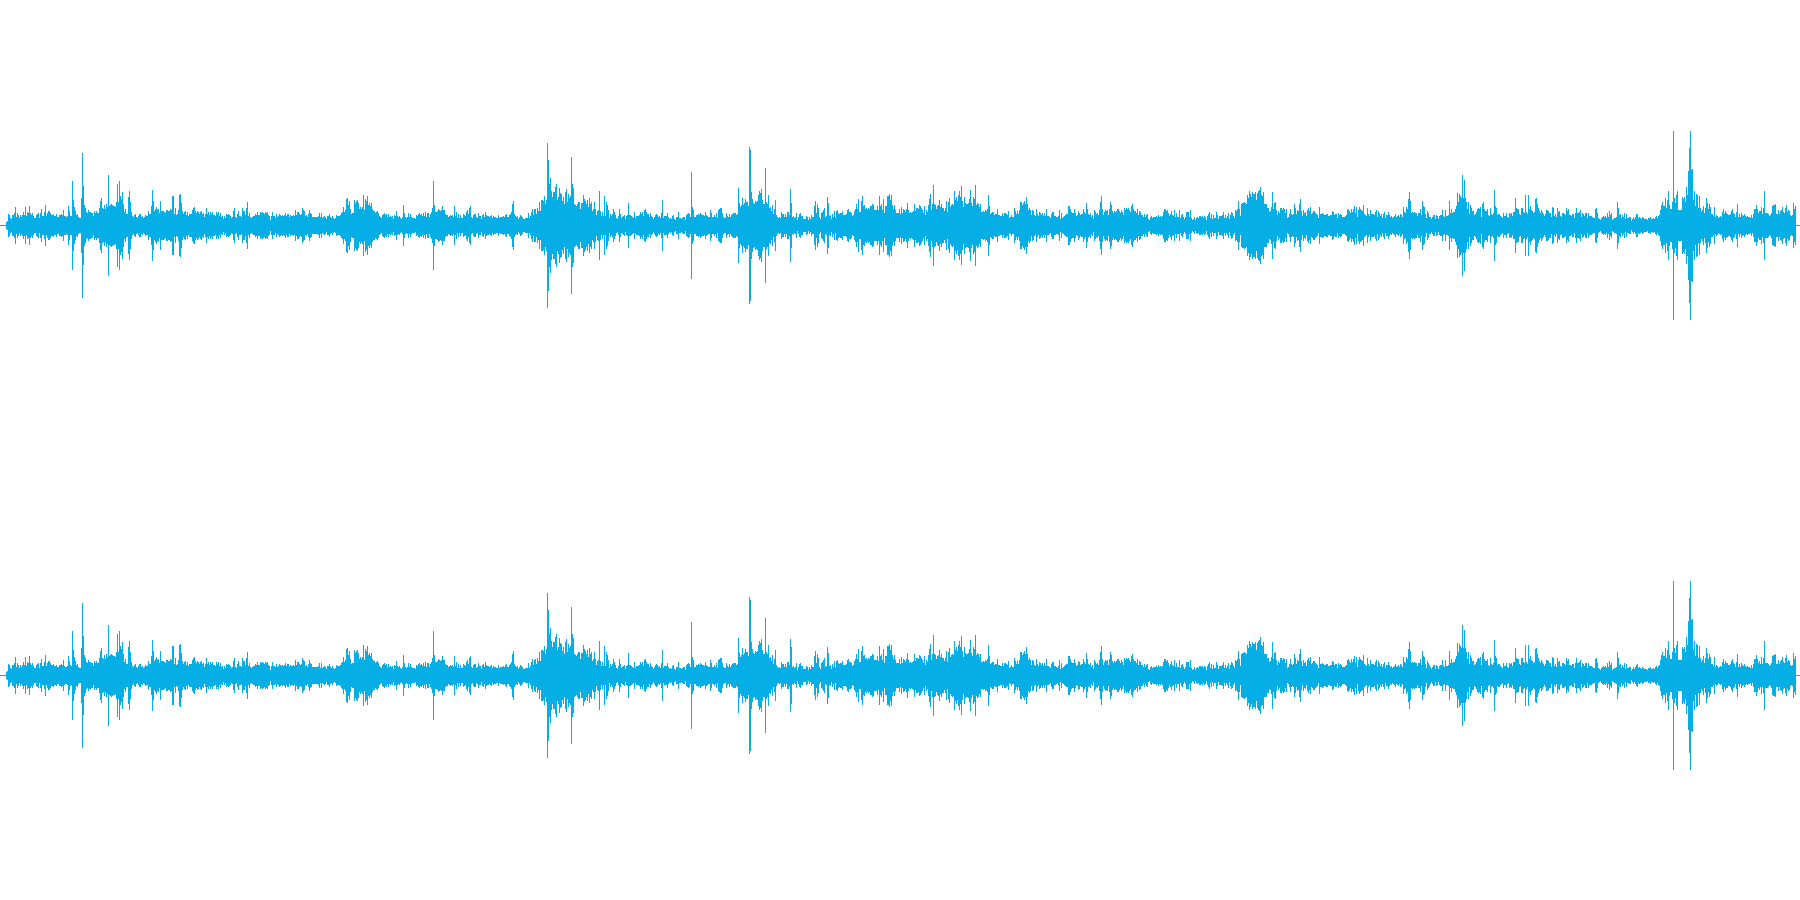 【生音】ザクザクザクザク。木の葉歩く足音の再生済みの波形